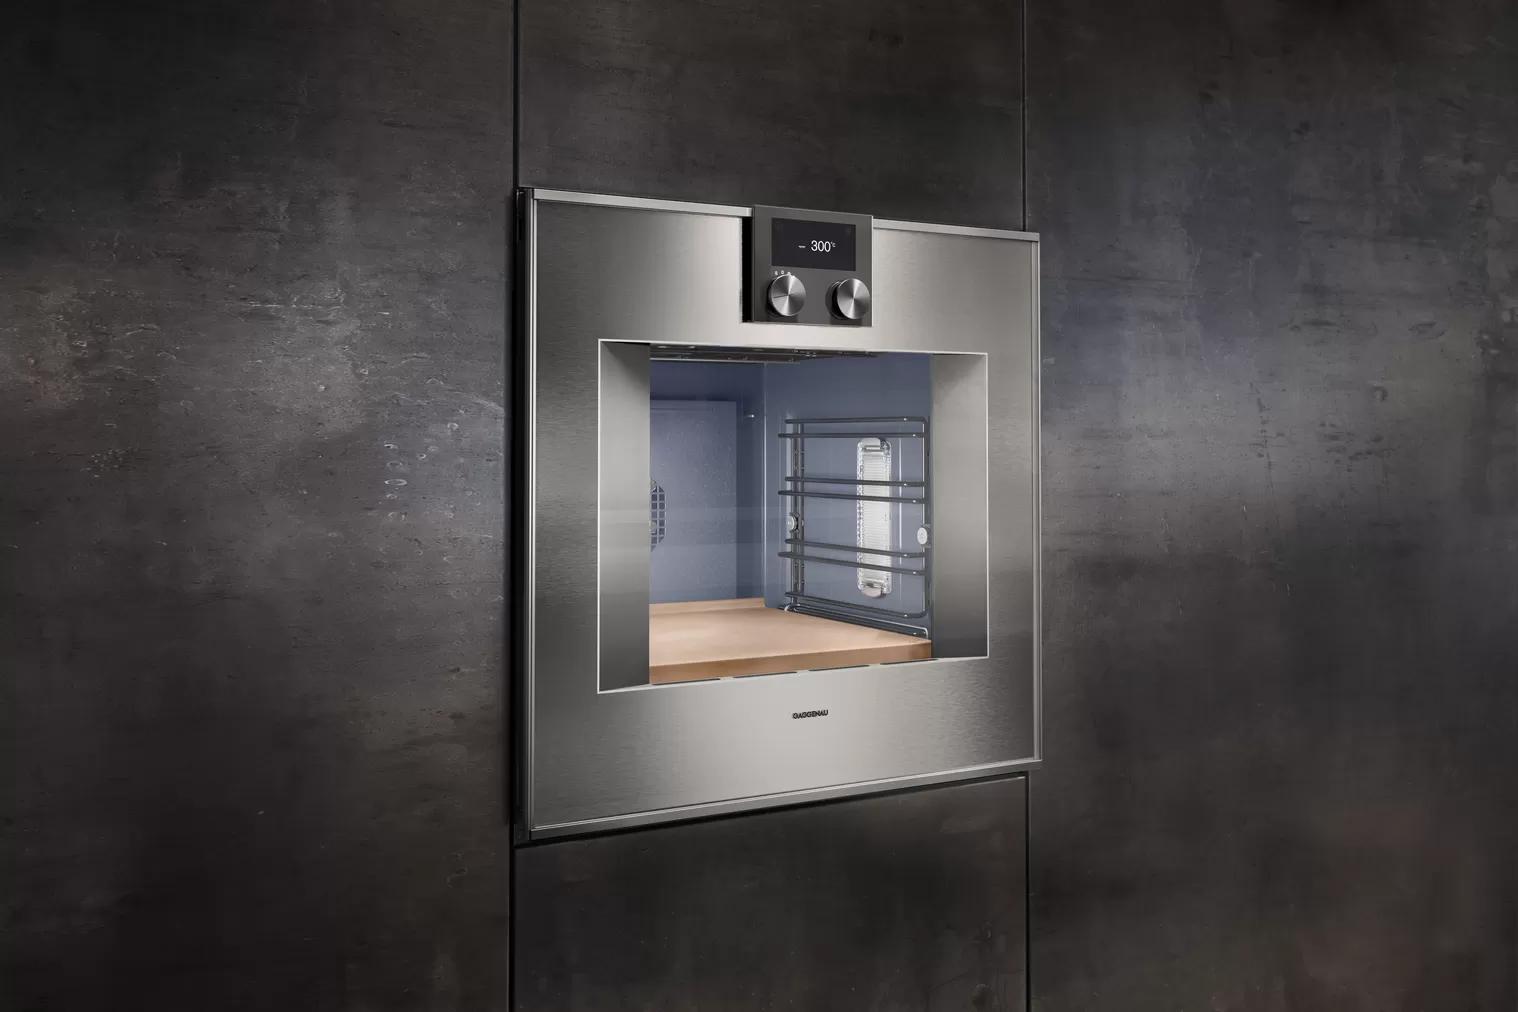 Oven 400 series – 60 x 60 cm